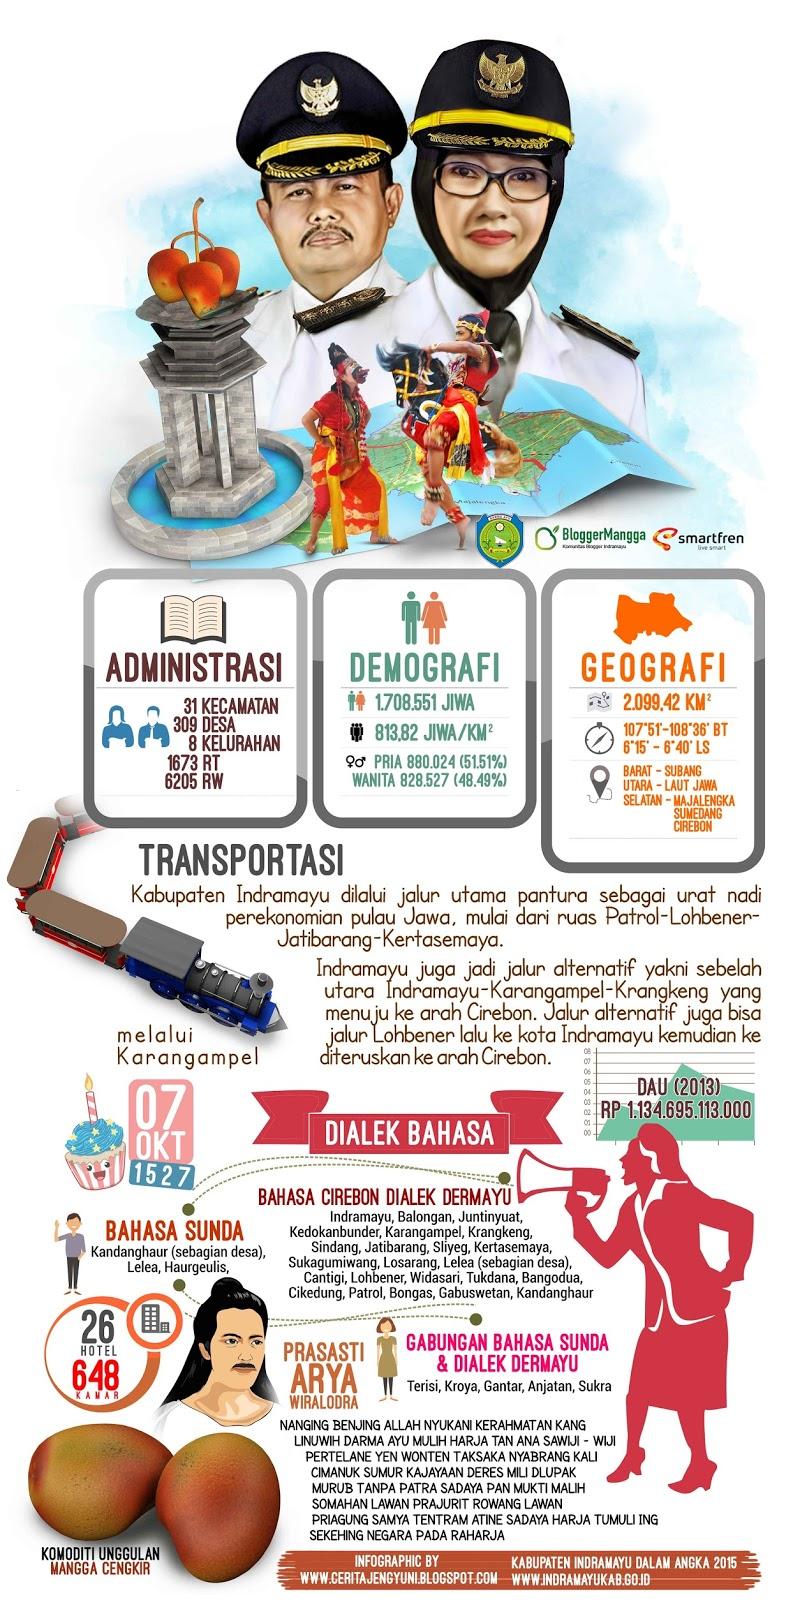 Infografis Indramayu 2016